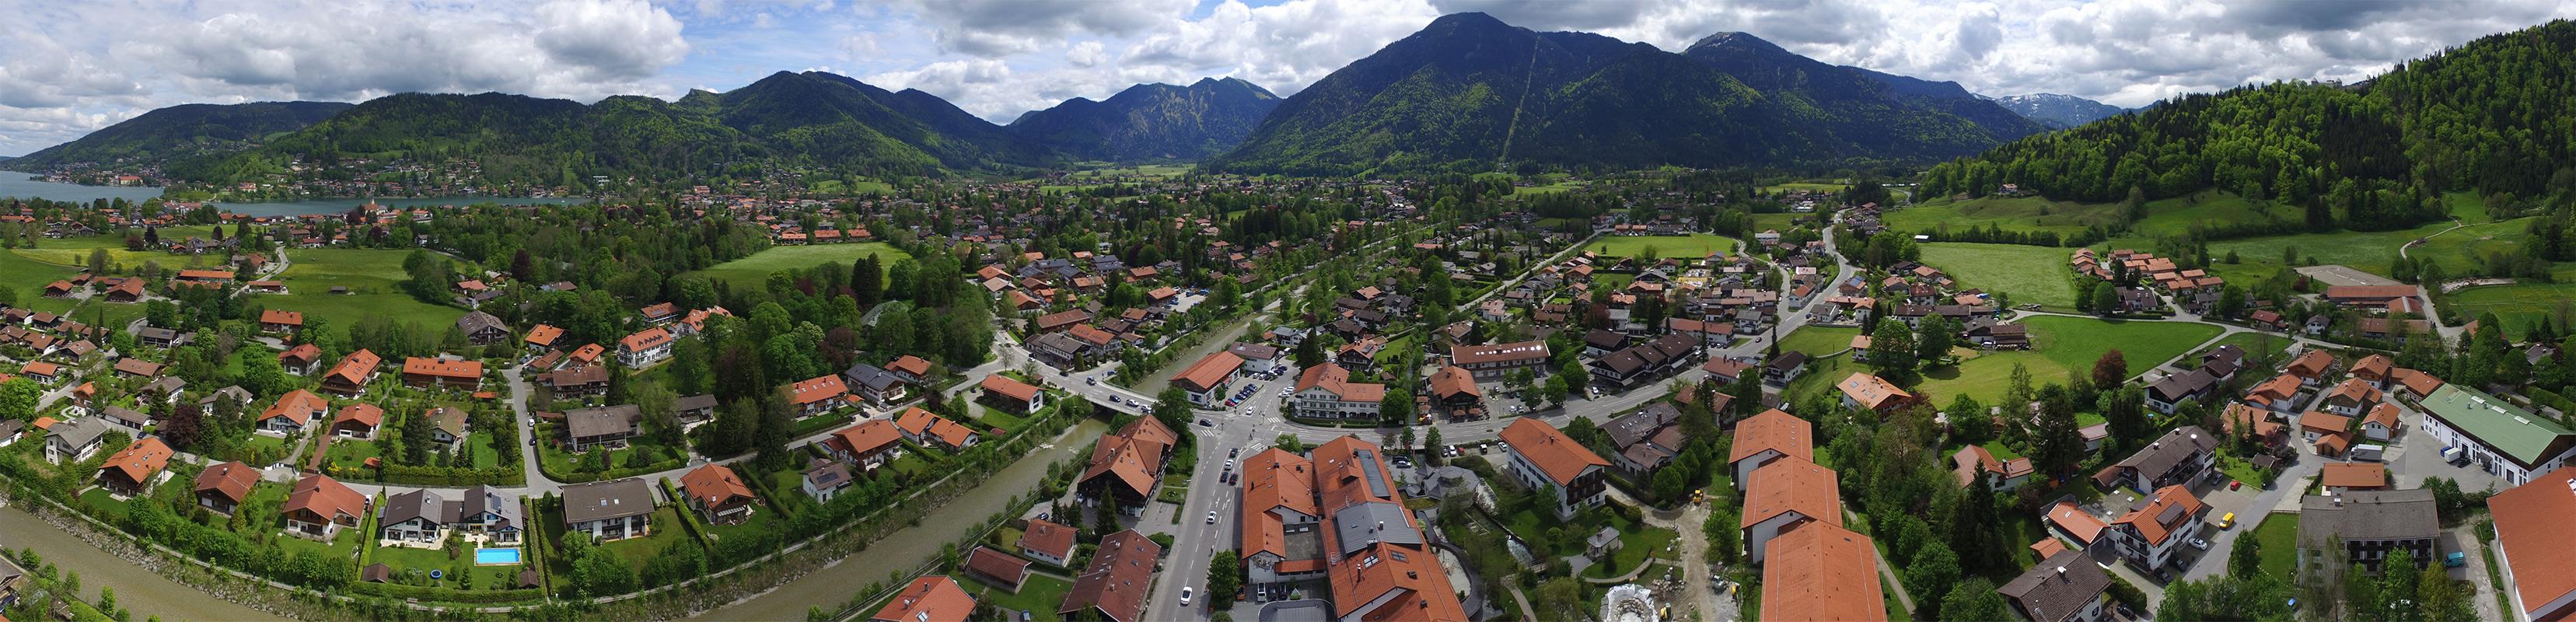 Energienutzungsplan für die Gemeinde Rottach-Egern